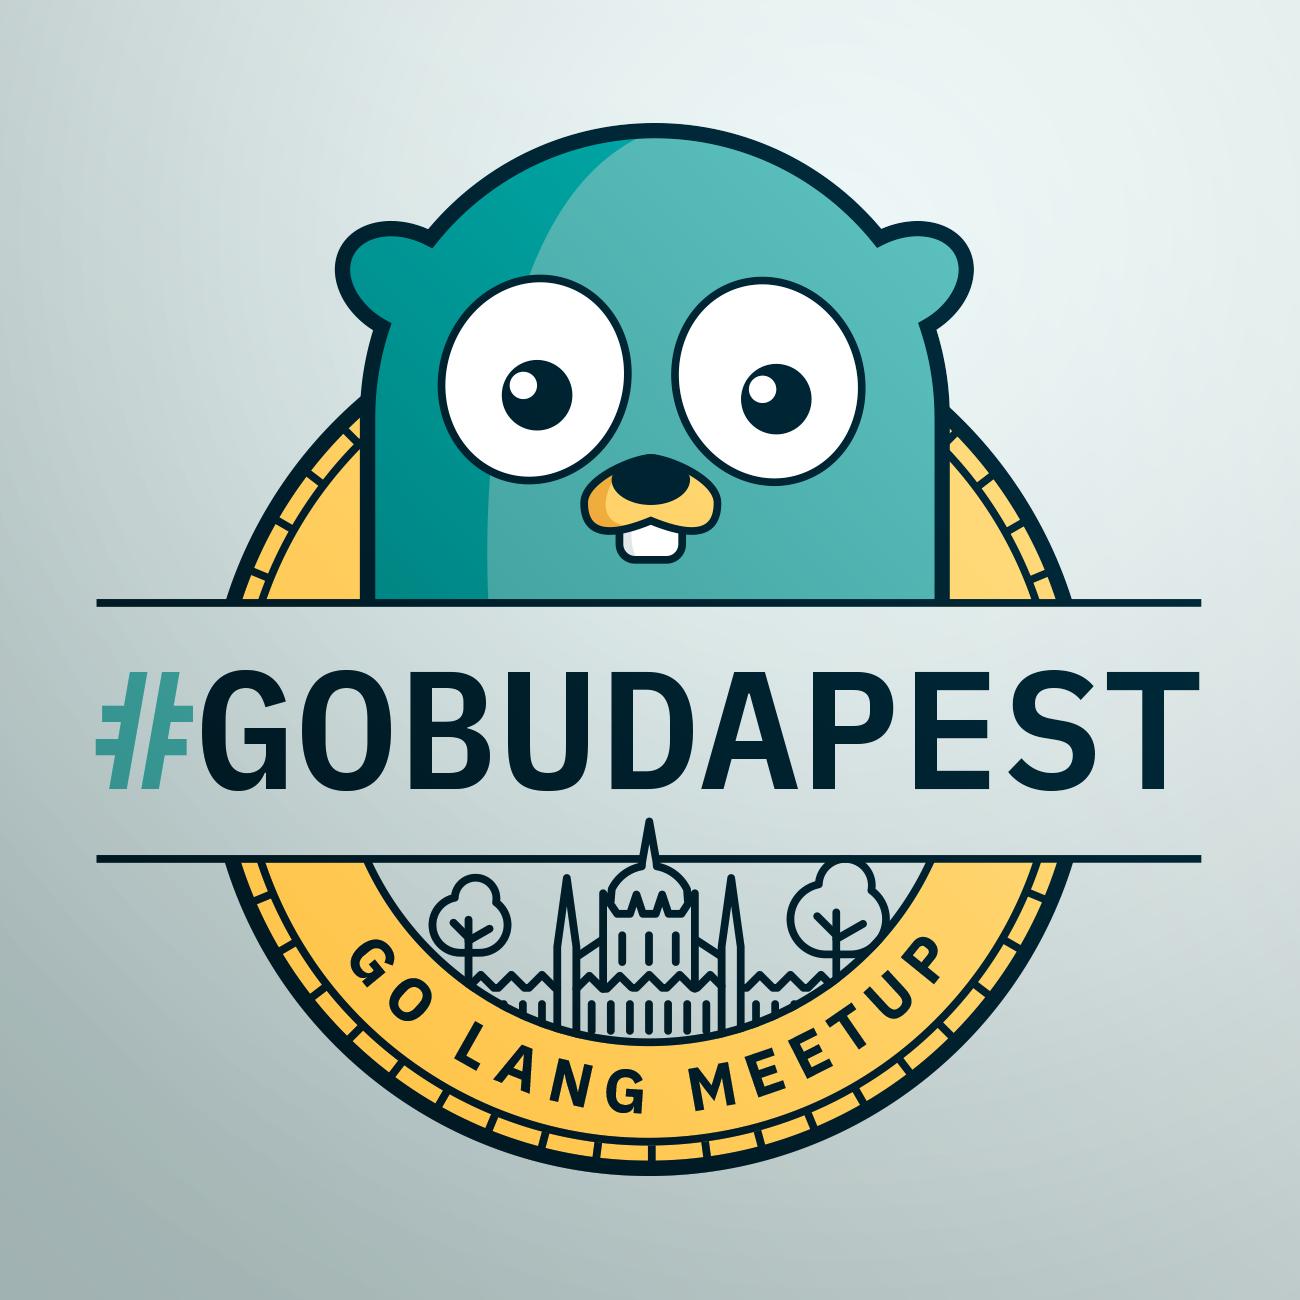 Go Budapest